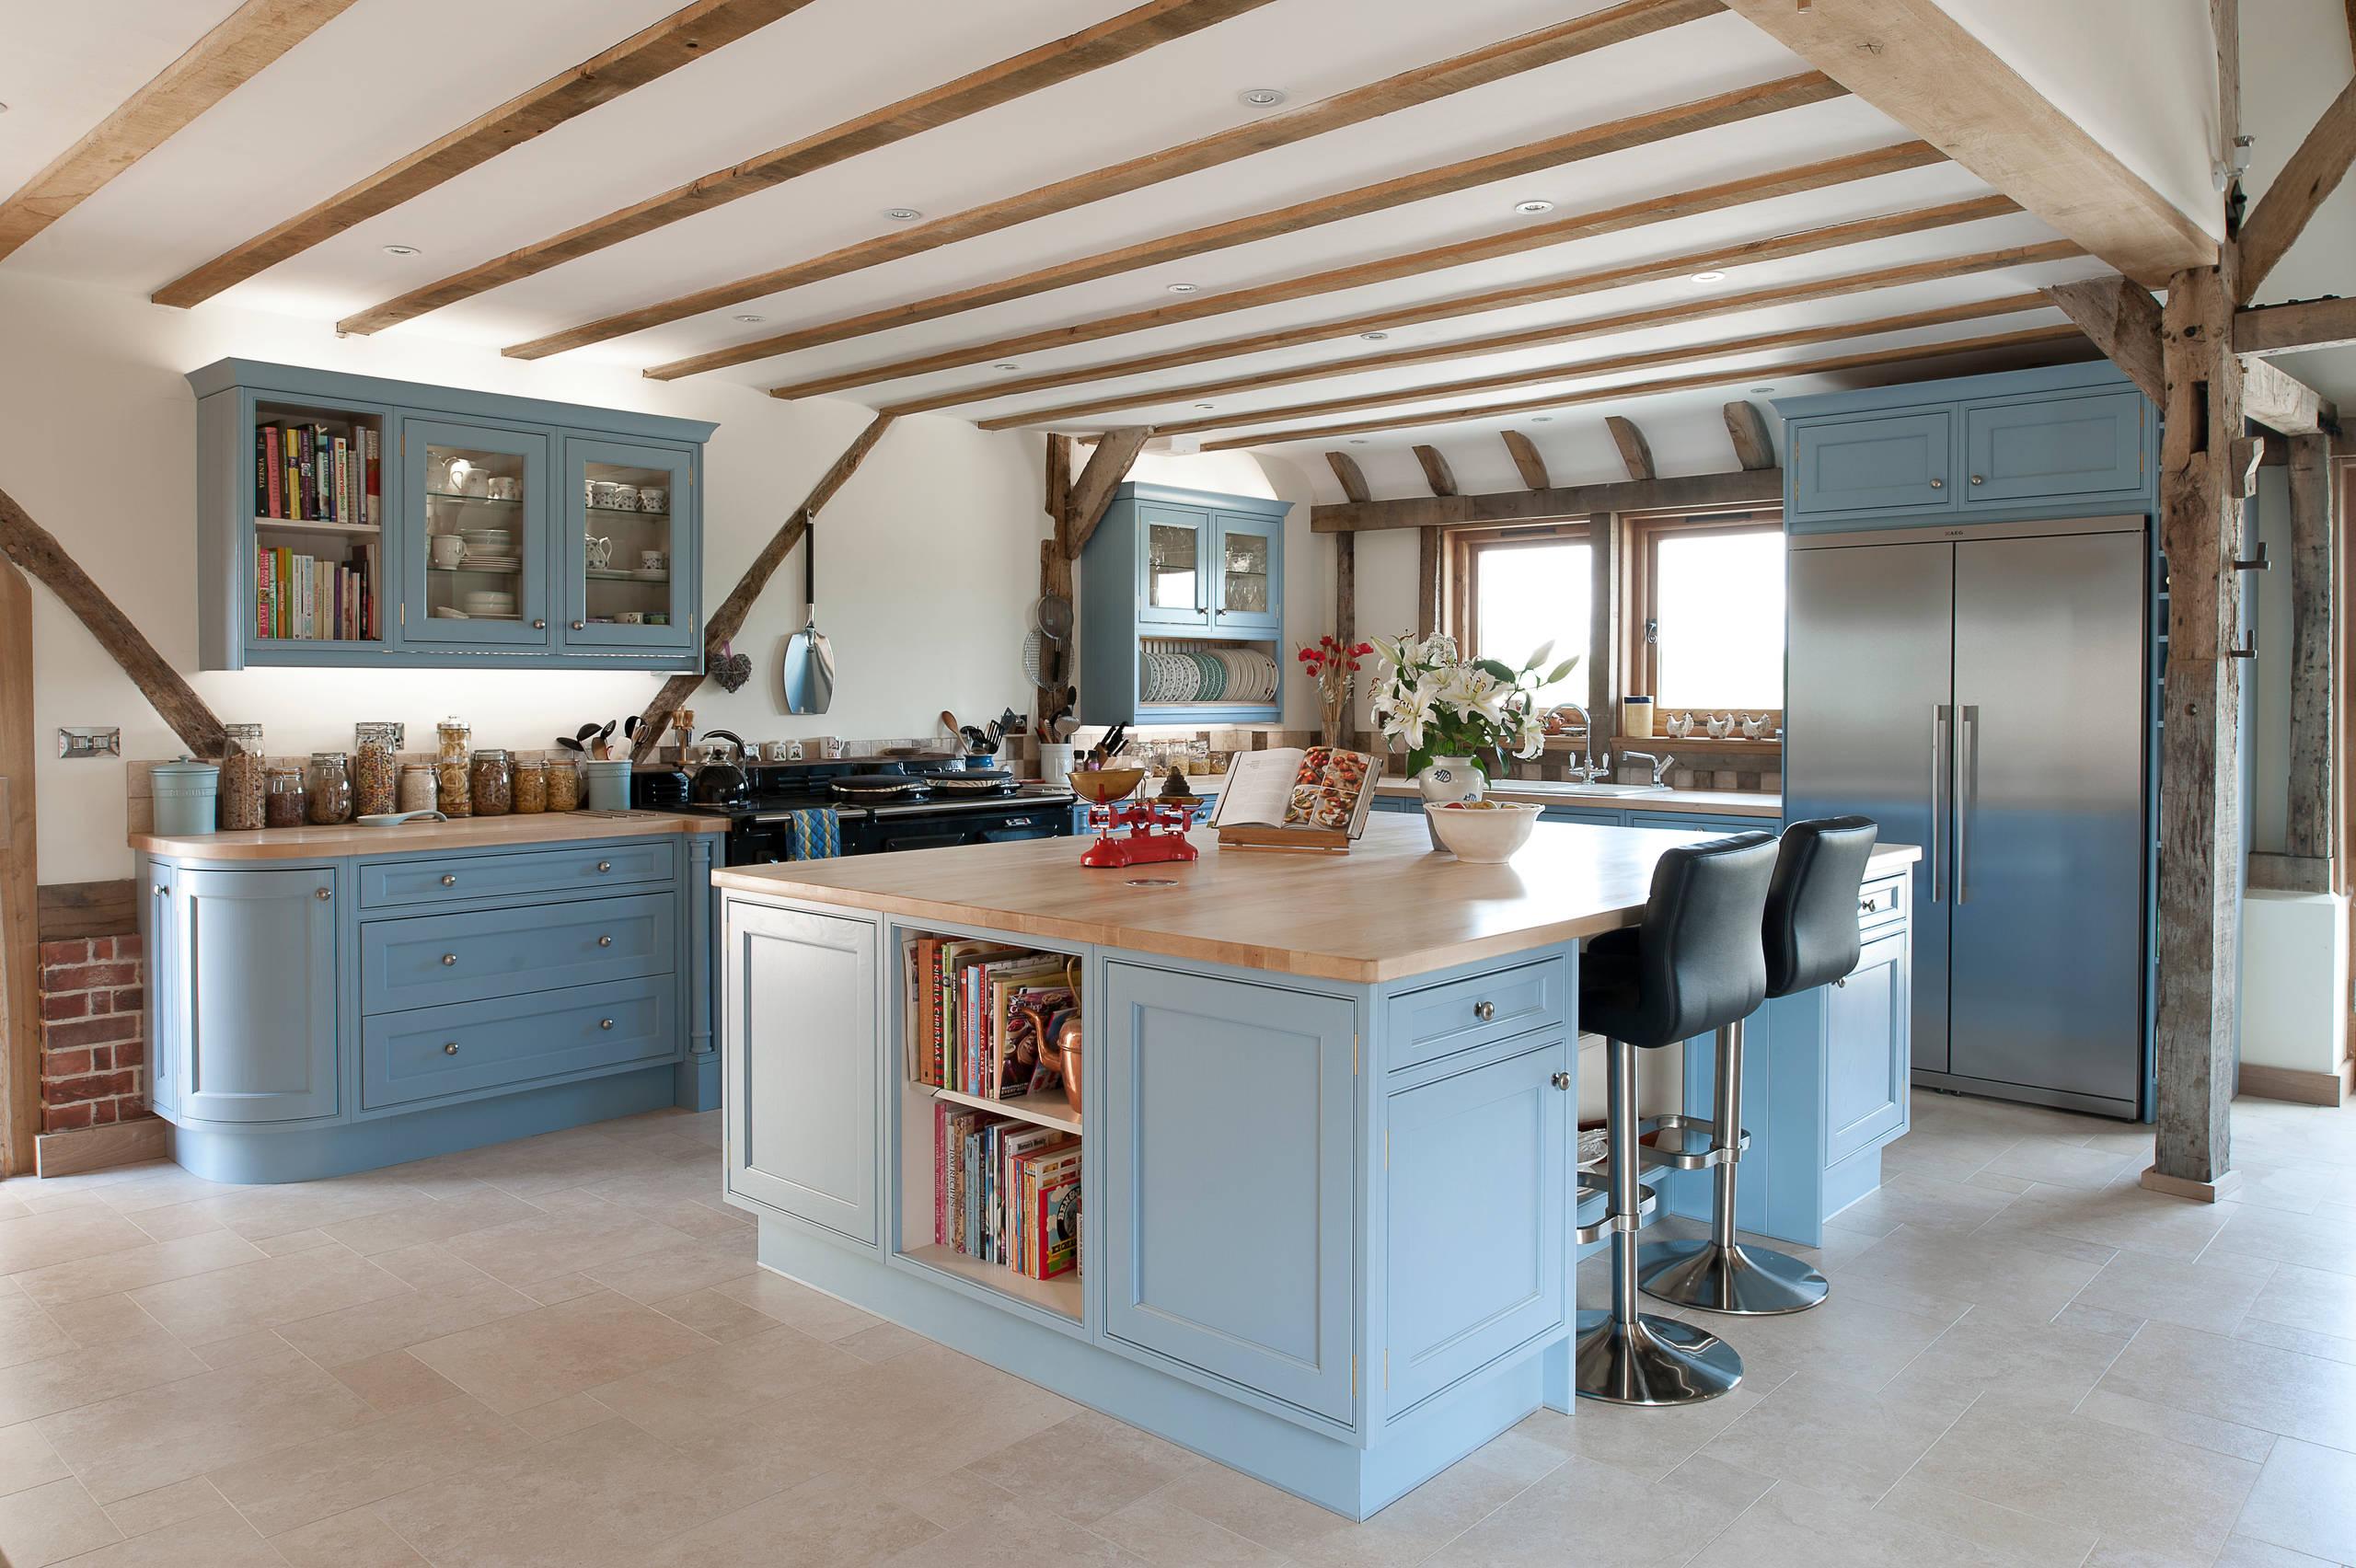 Les meubles bleus avec des comptoirs en bois semblent sophistiqués